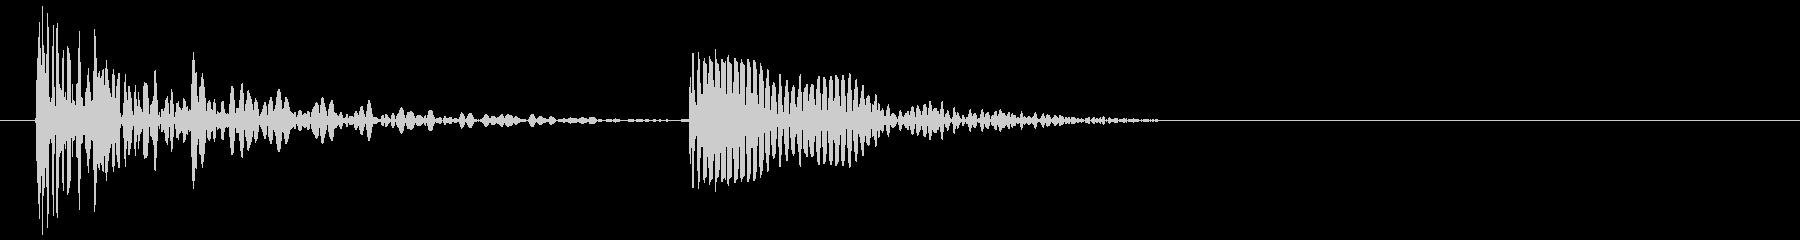 ポコッ(ステップ、ワイプ、ボタン音)の未再生の波形